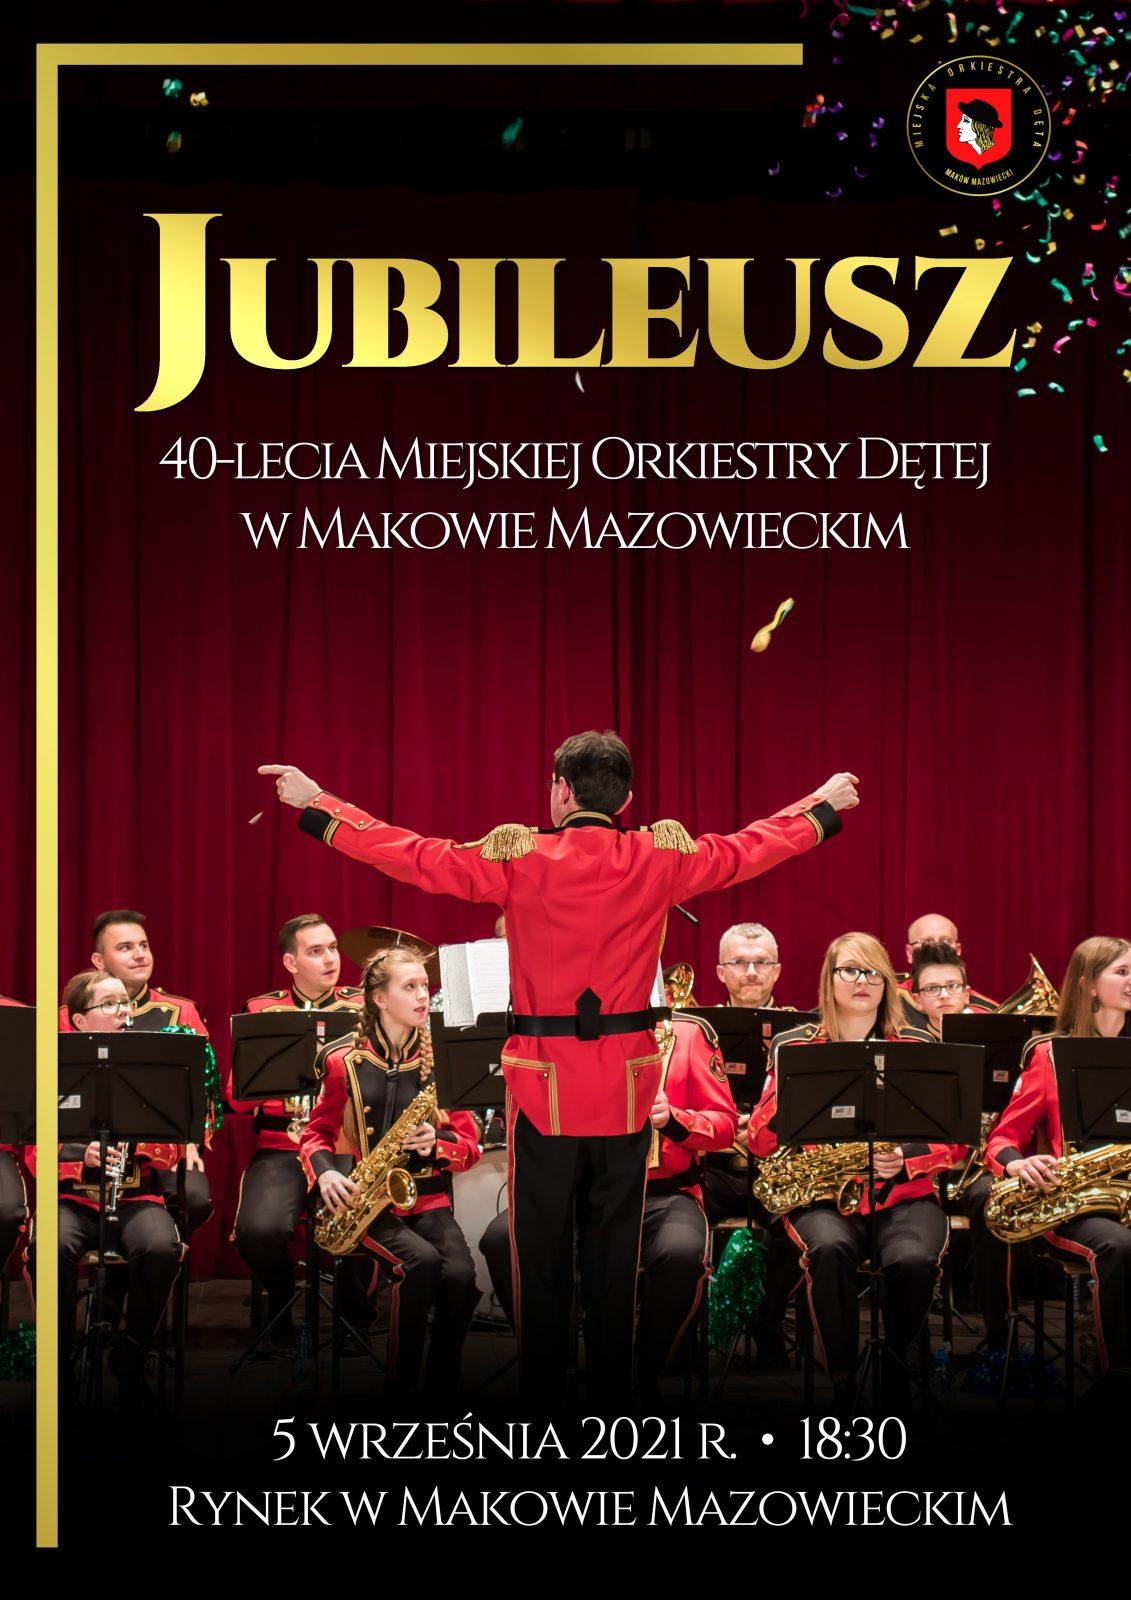 Plakat. Jubileusz 40 lecia Miejskiej orkiestry Dętej w Makowie Mazowieckim. 5 września godzina18:30. Miejsce Rynek Miejski